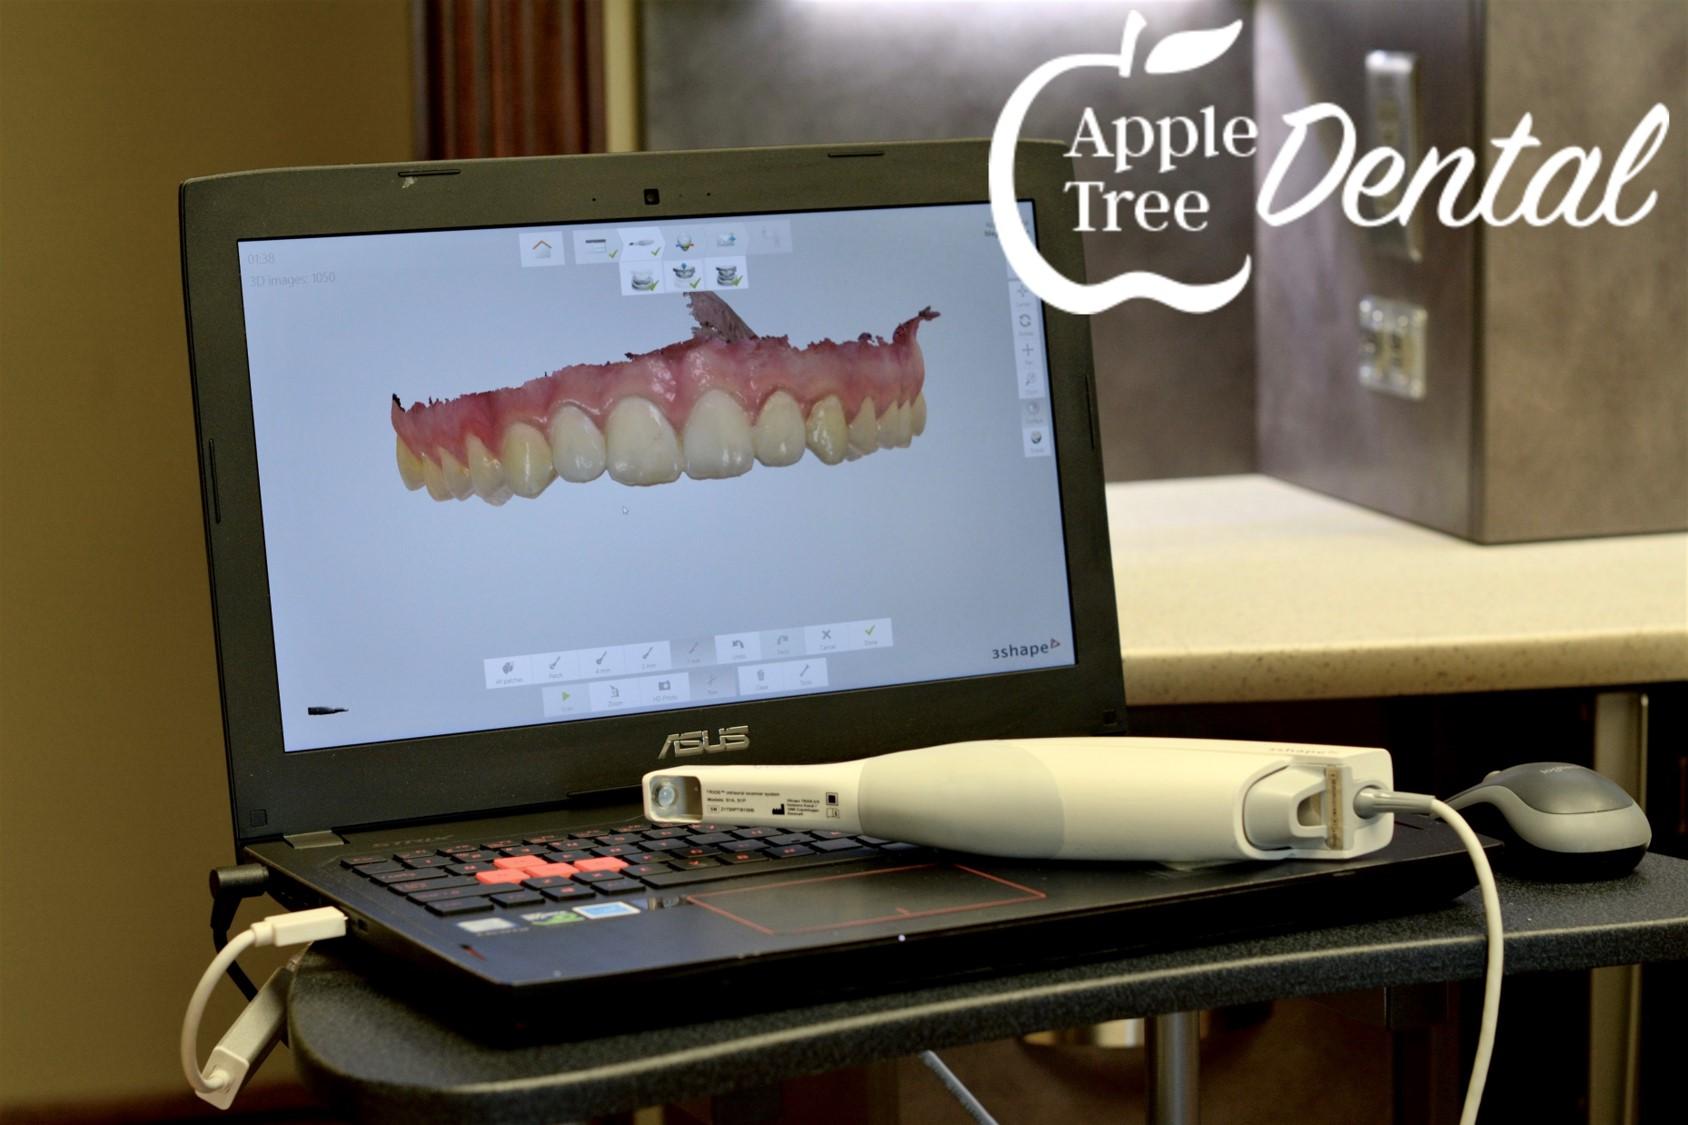 3d Rendering of Teeth